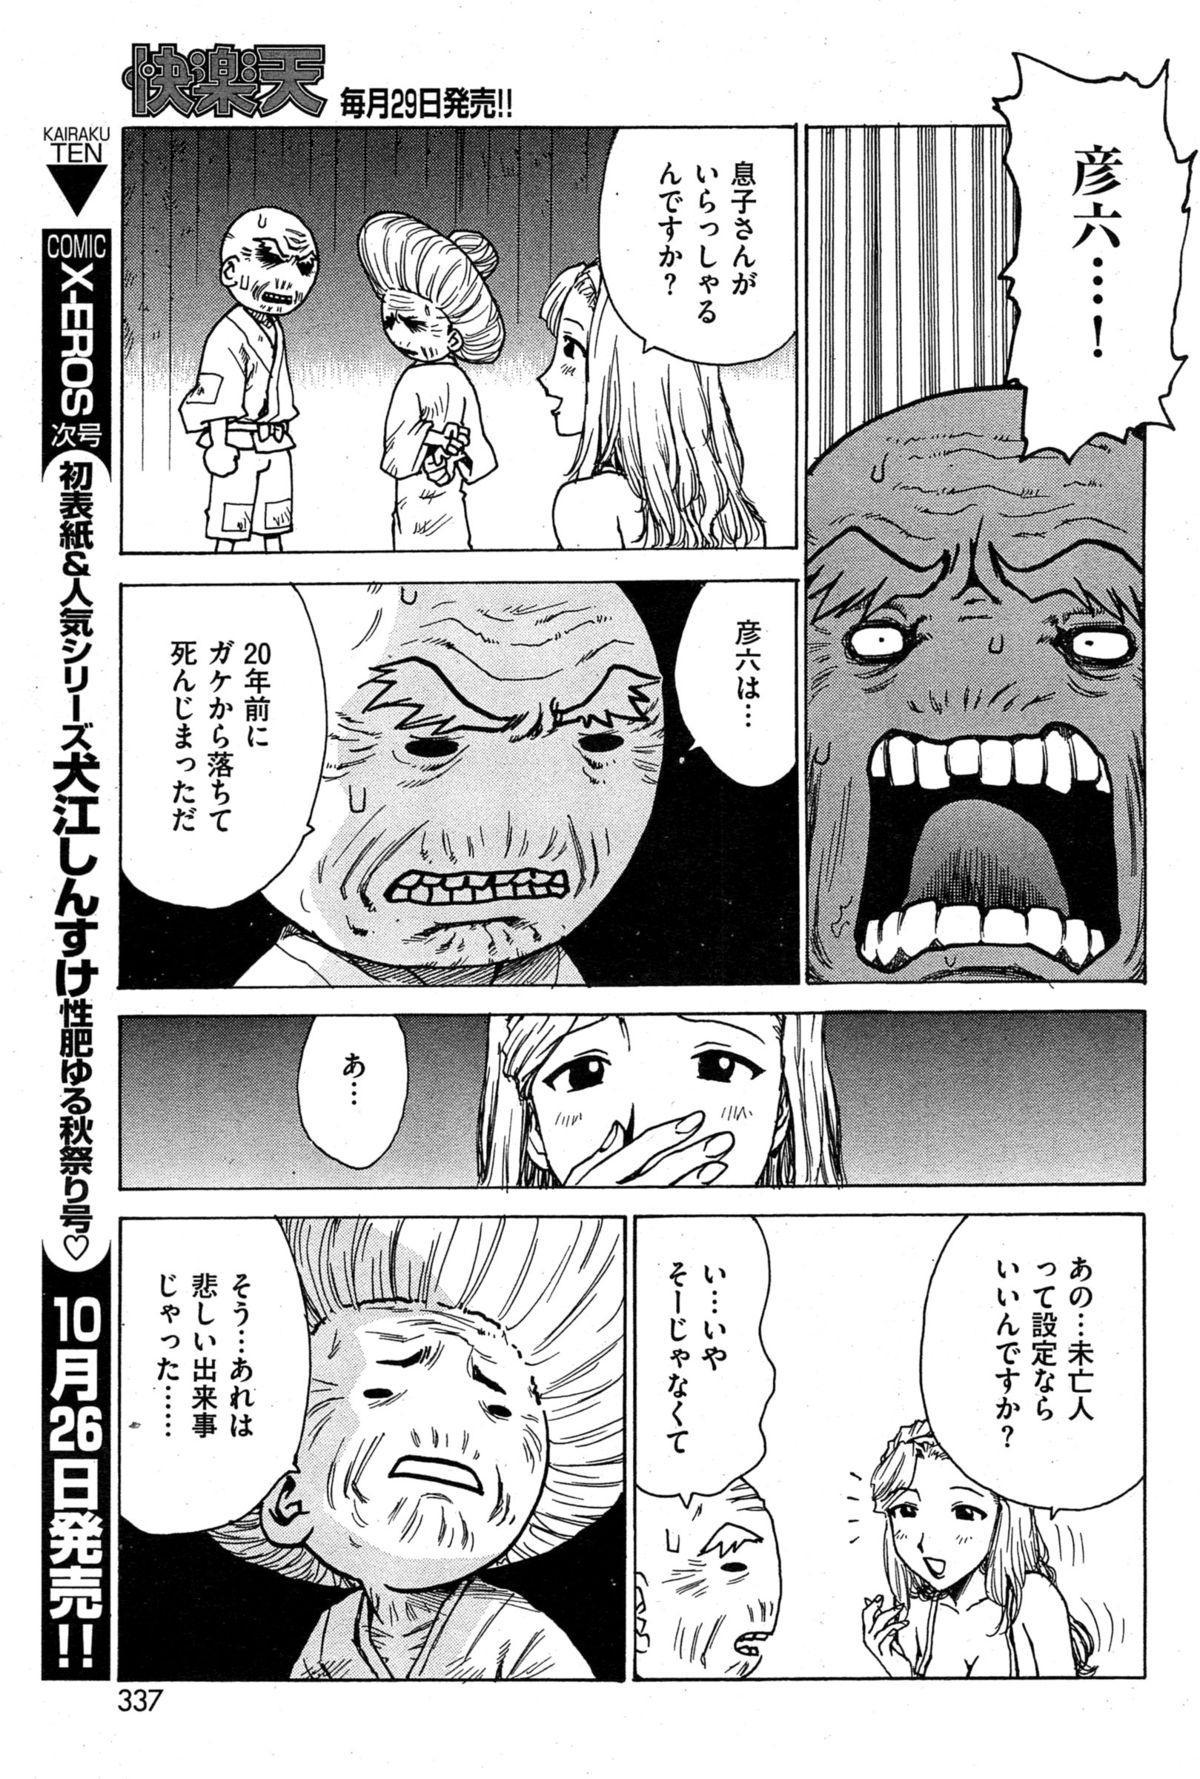 COMIC Kairakuten 2015-11 336